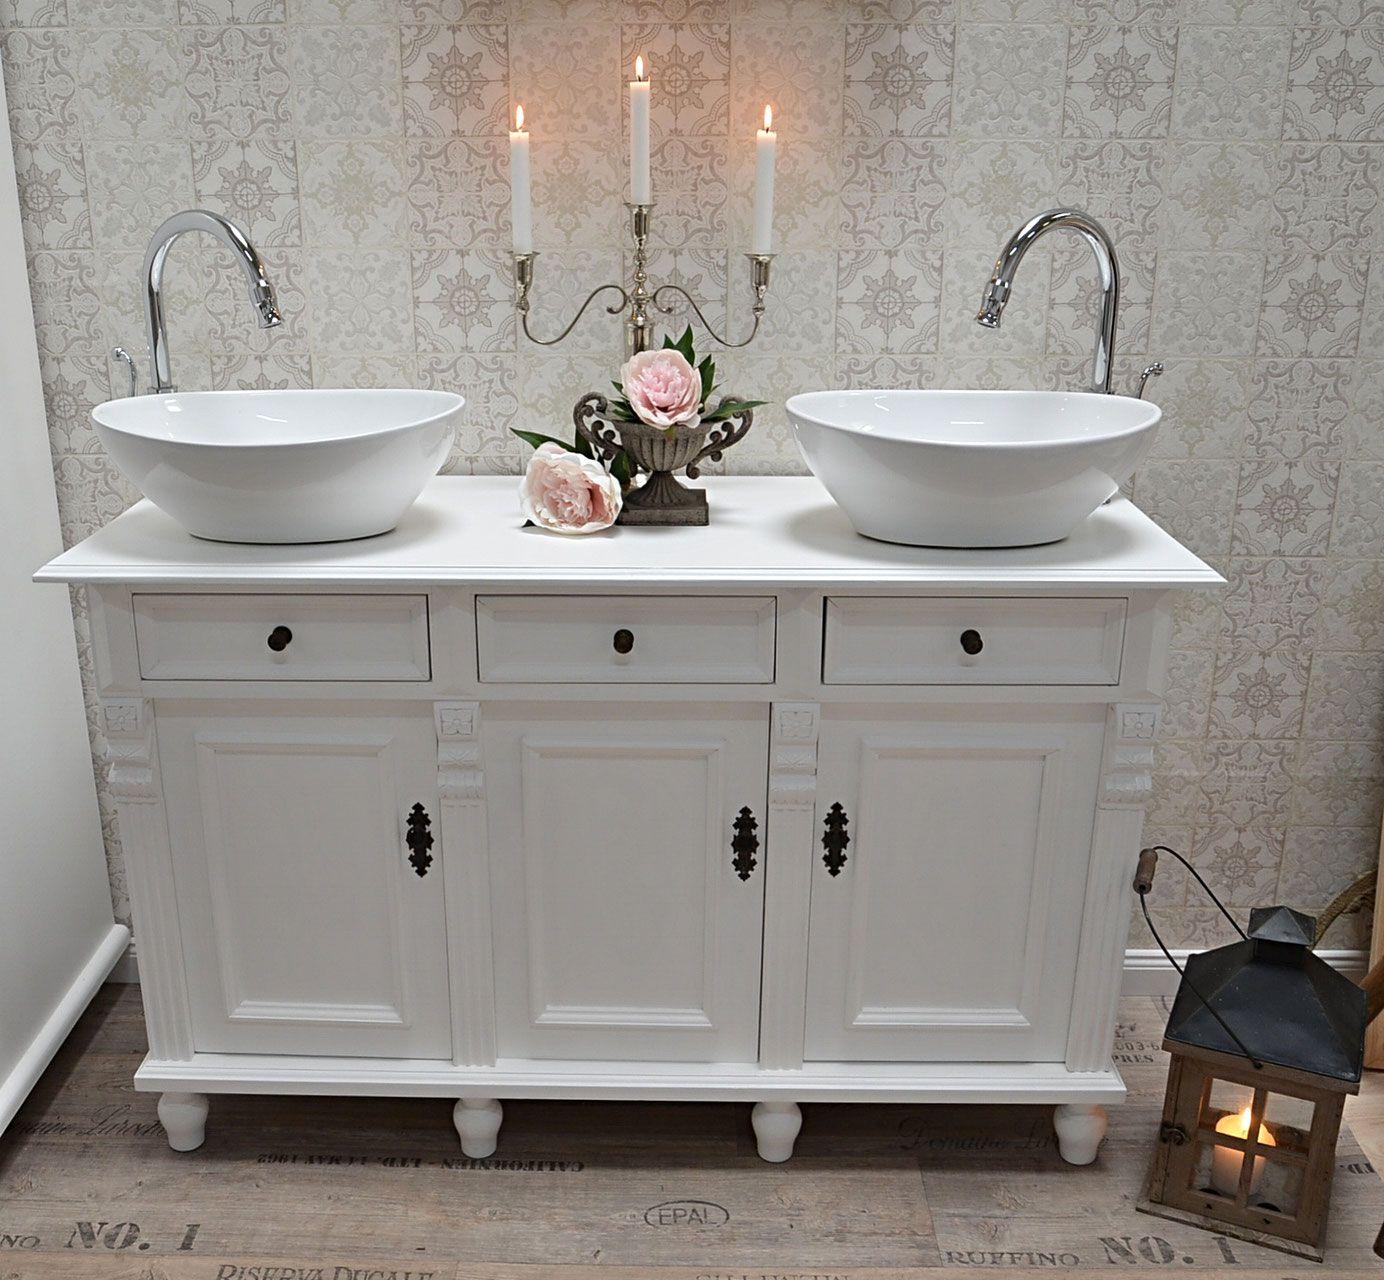 Doppelwaschtische Land Liebe Badmobel Landhaus Badezimmer Inspiration Doppelwaschtisch Neues Badezimmer